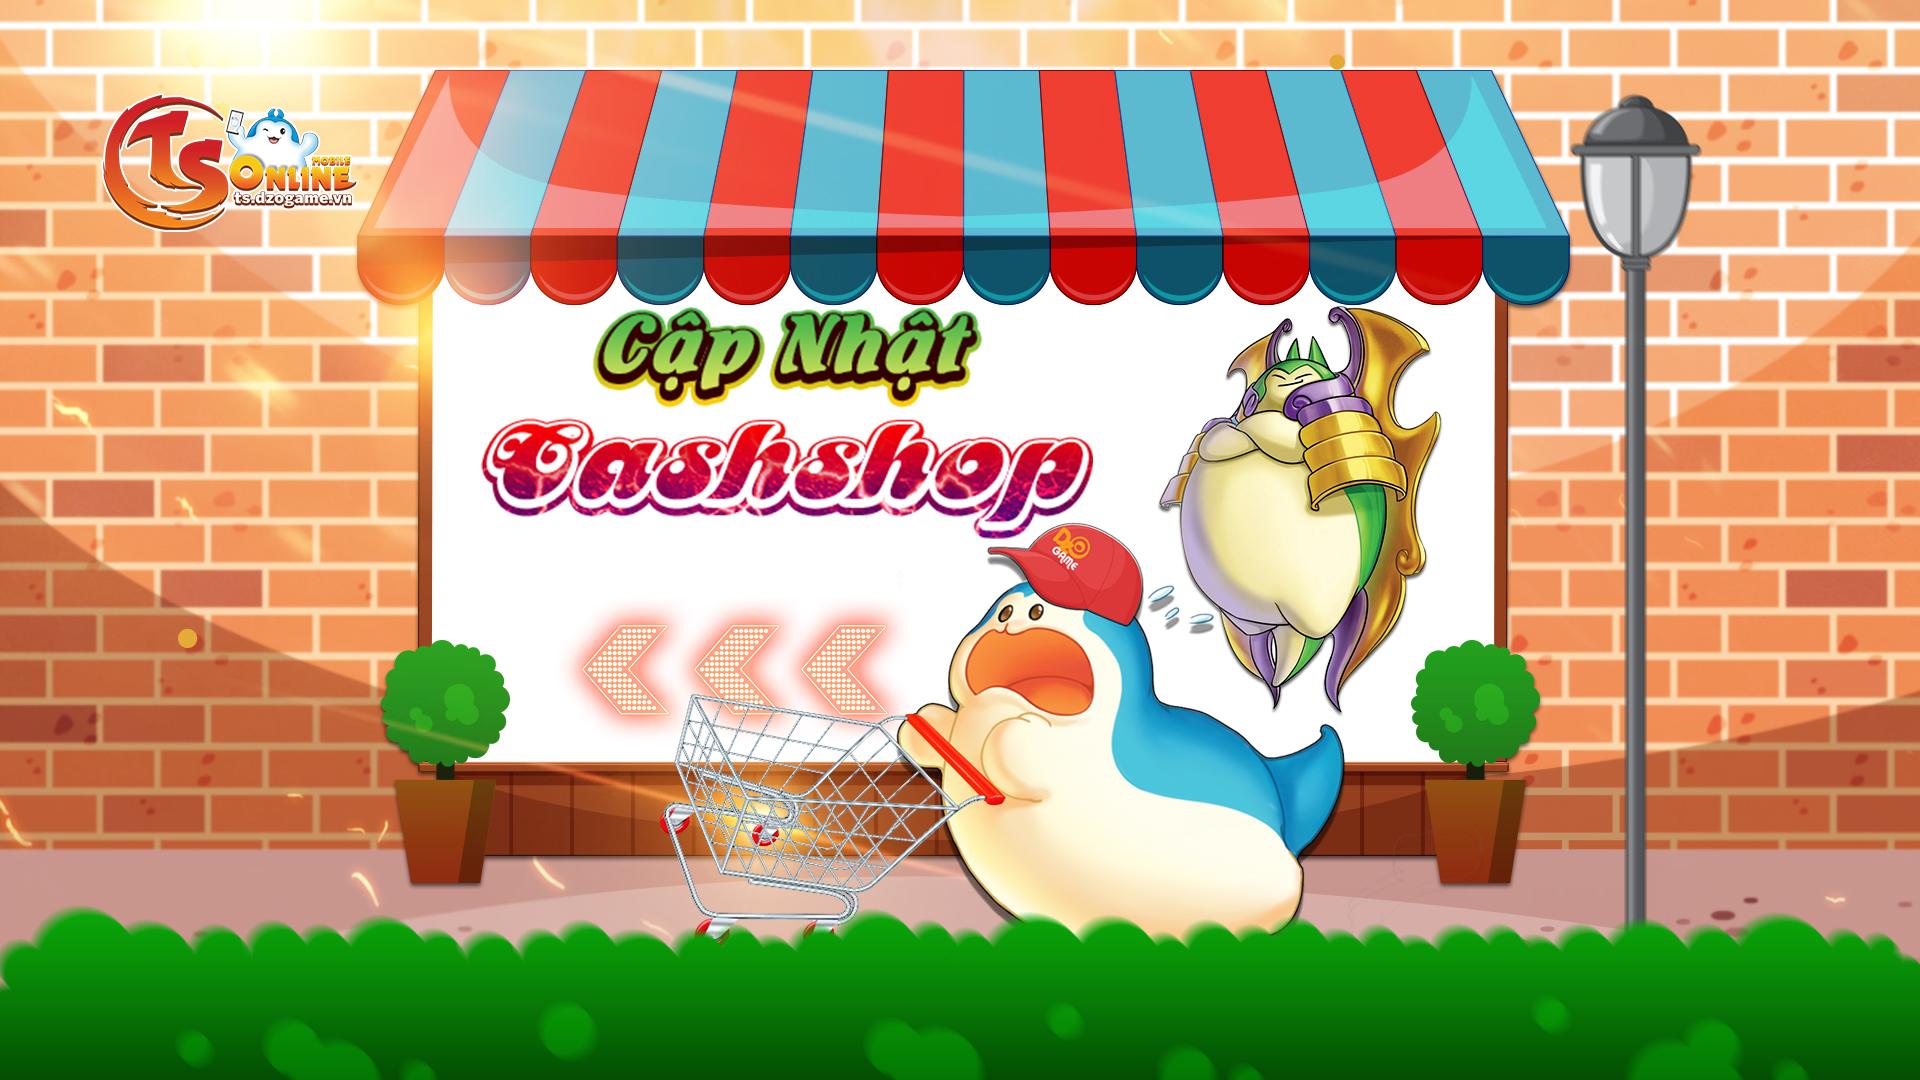 Cập nhật Cashshop ngày 21/04